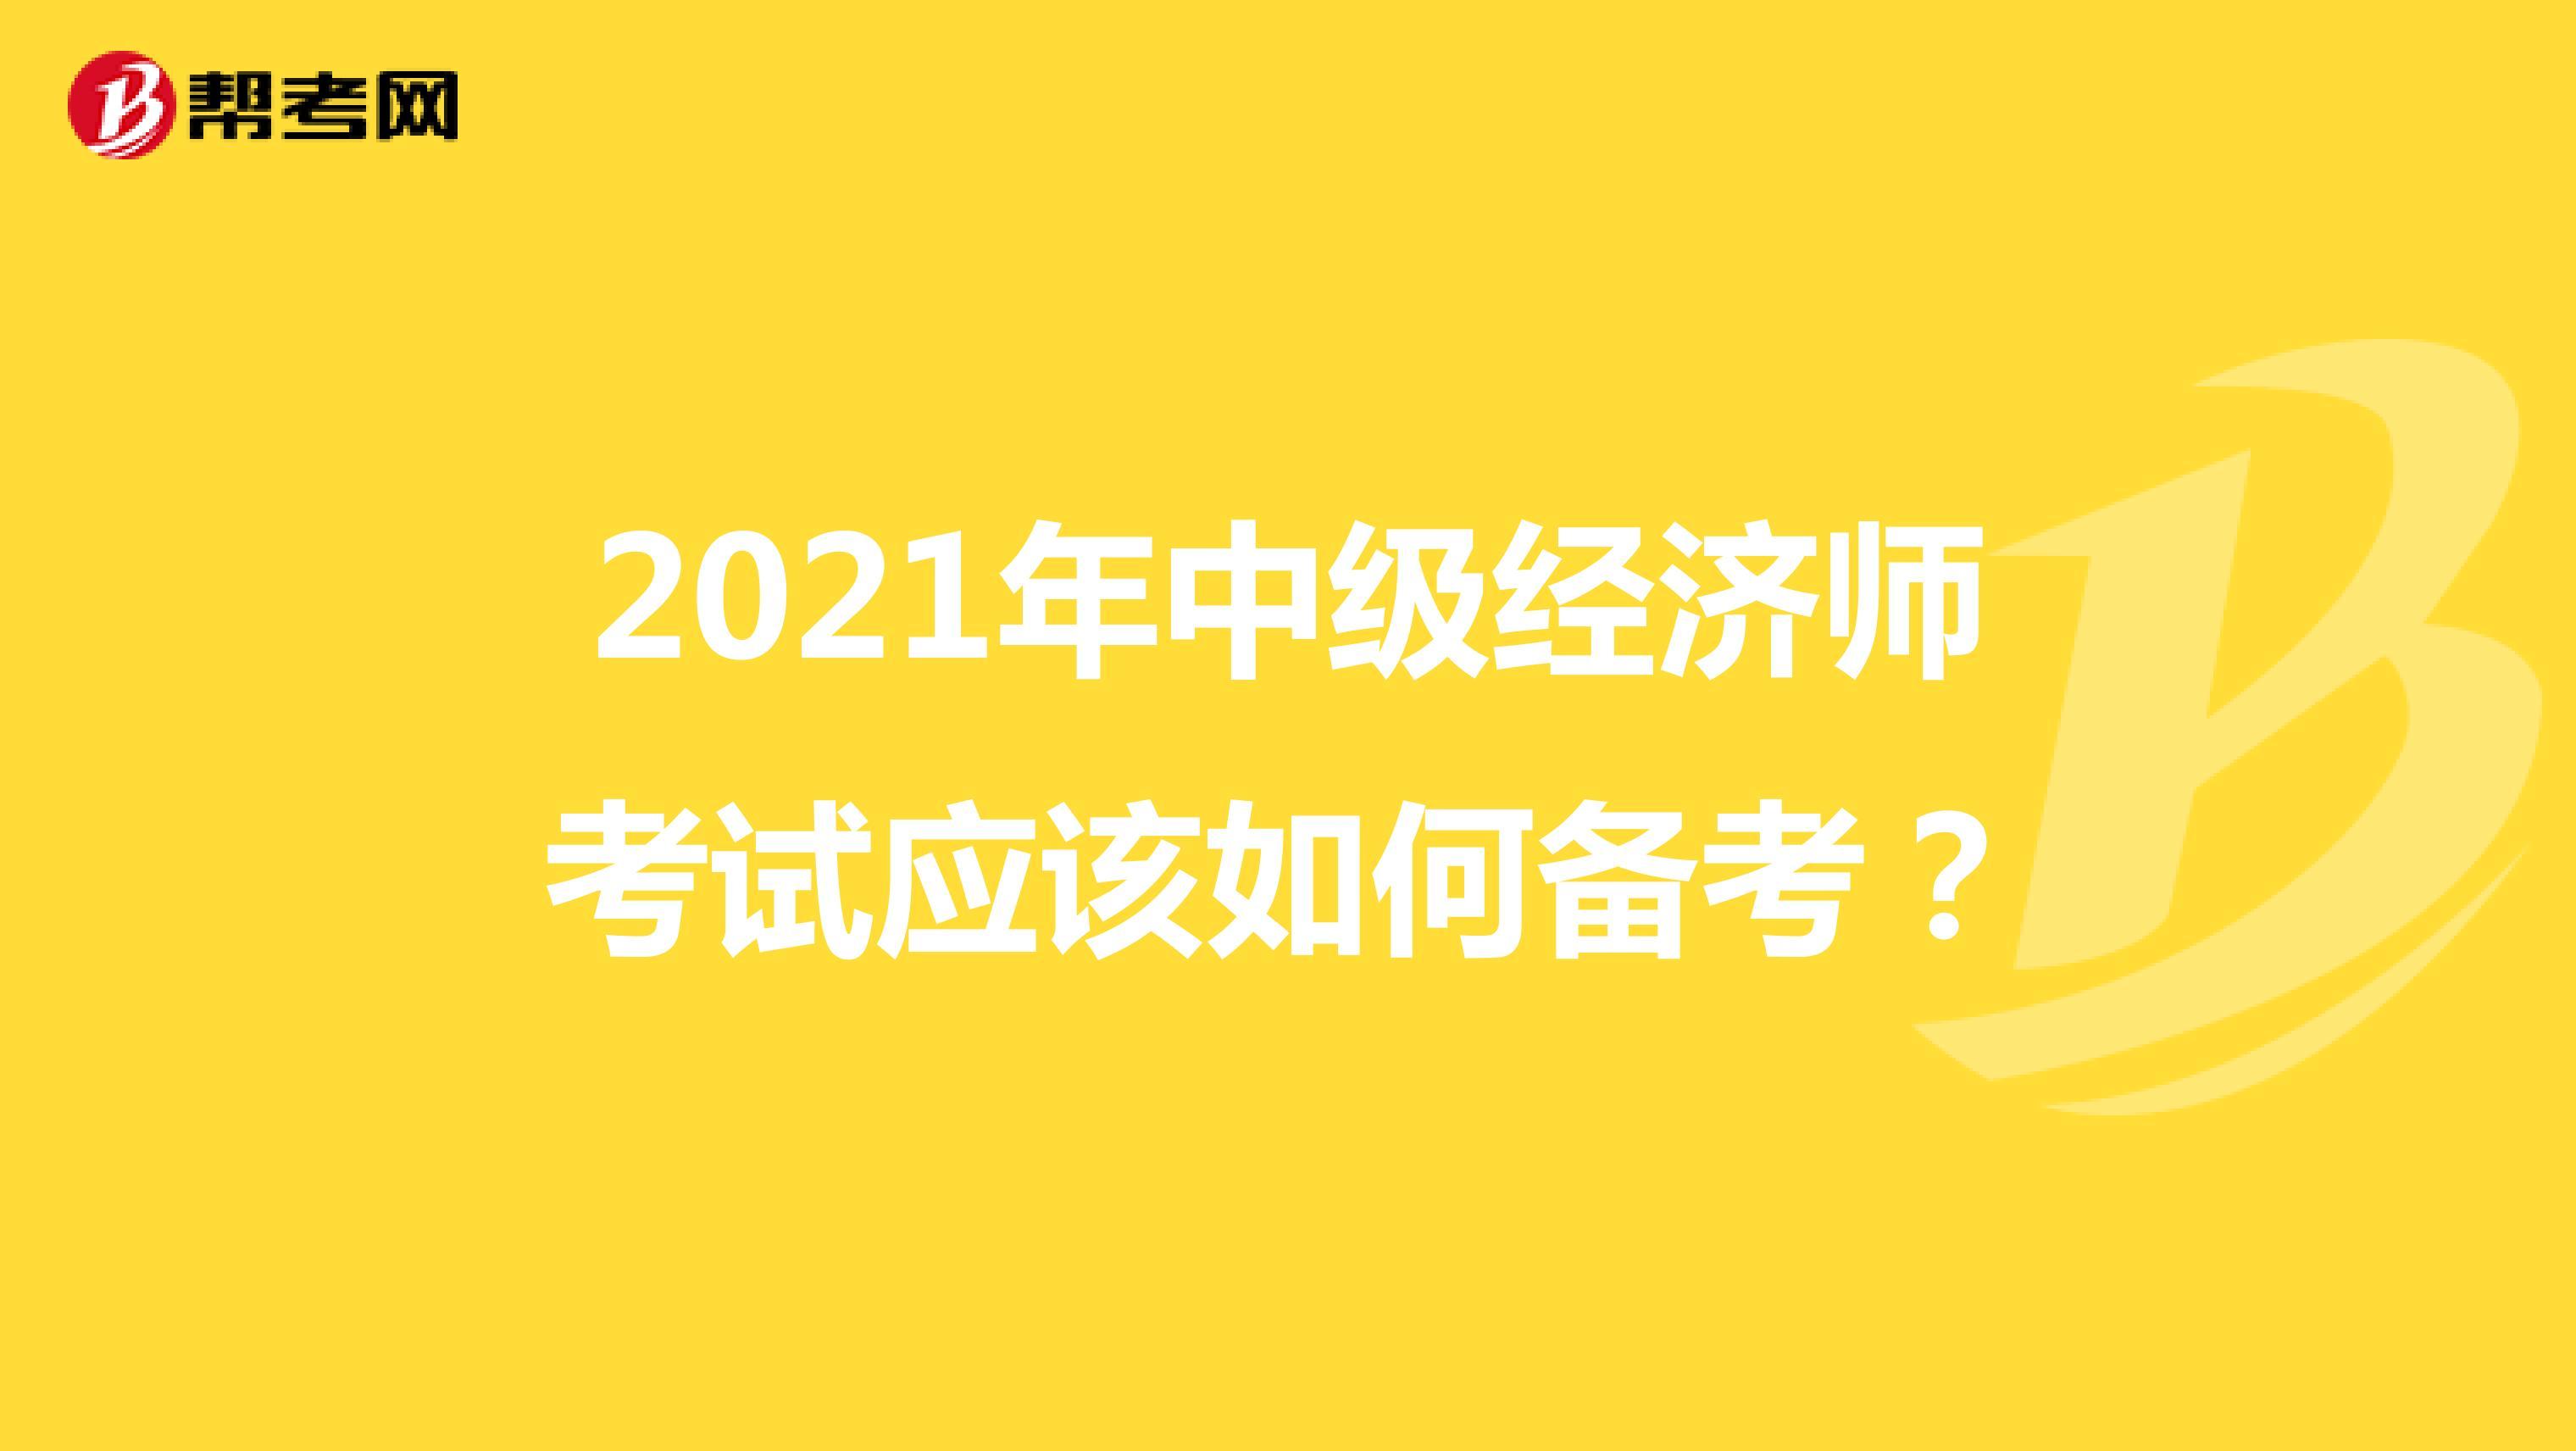 2021年(威廉希尔注册)在线经济师考试应该如何备考?